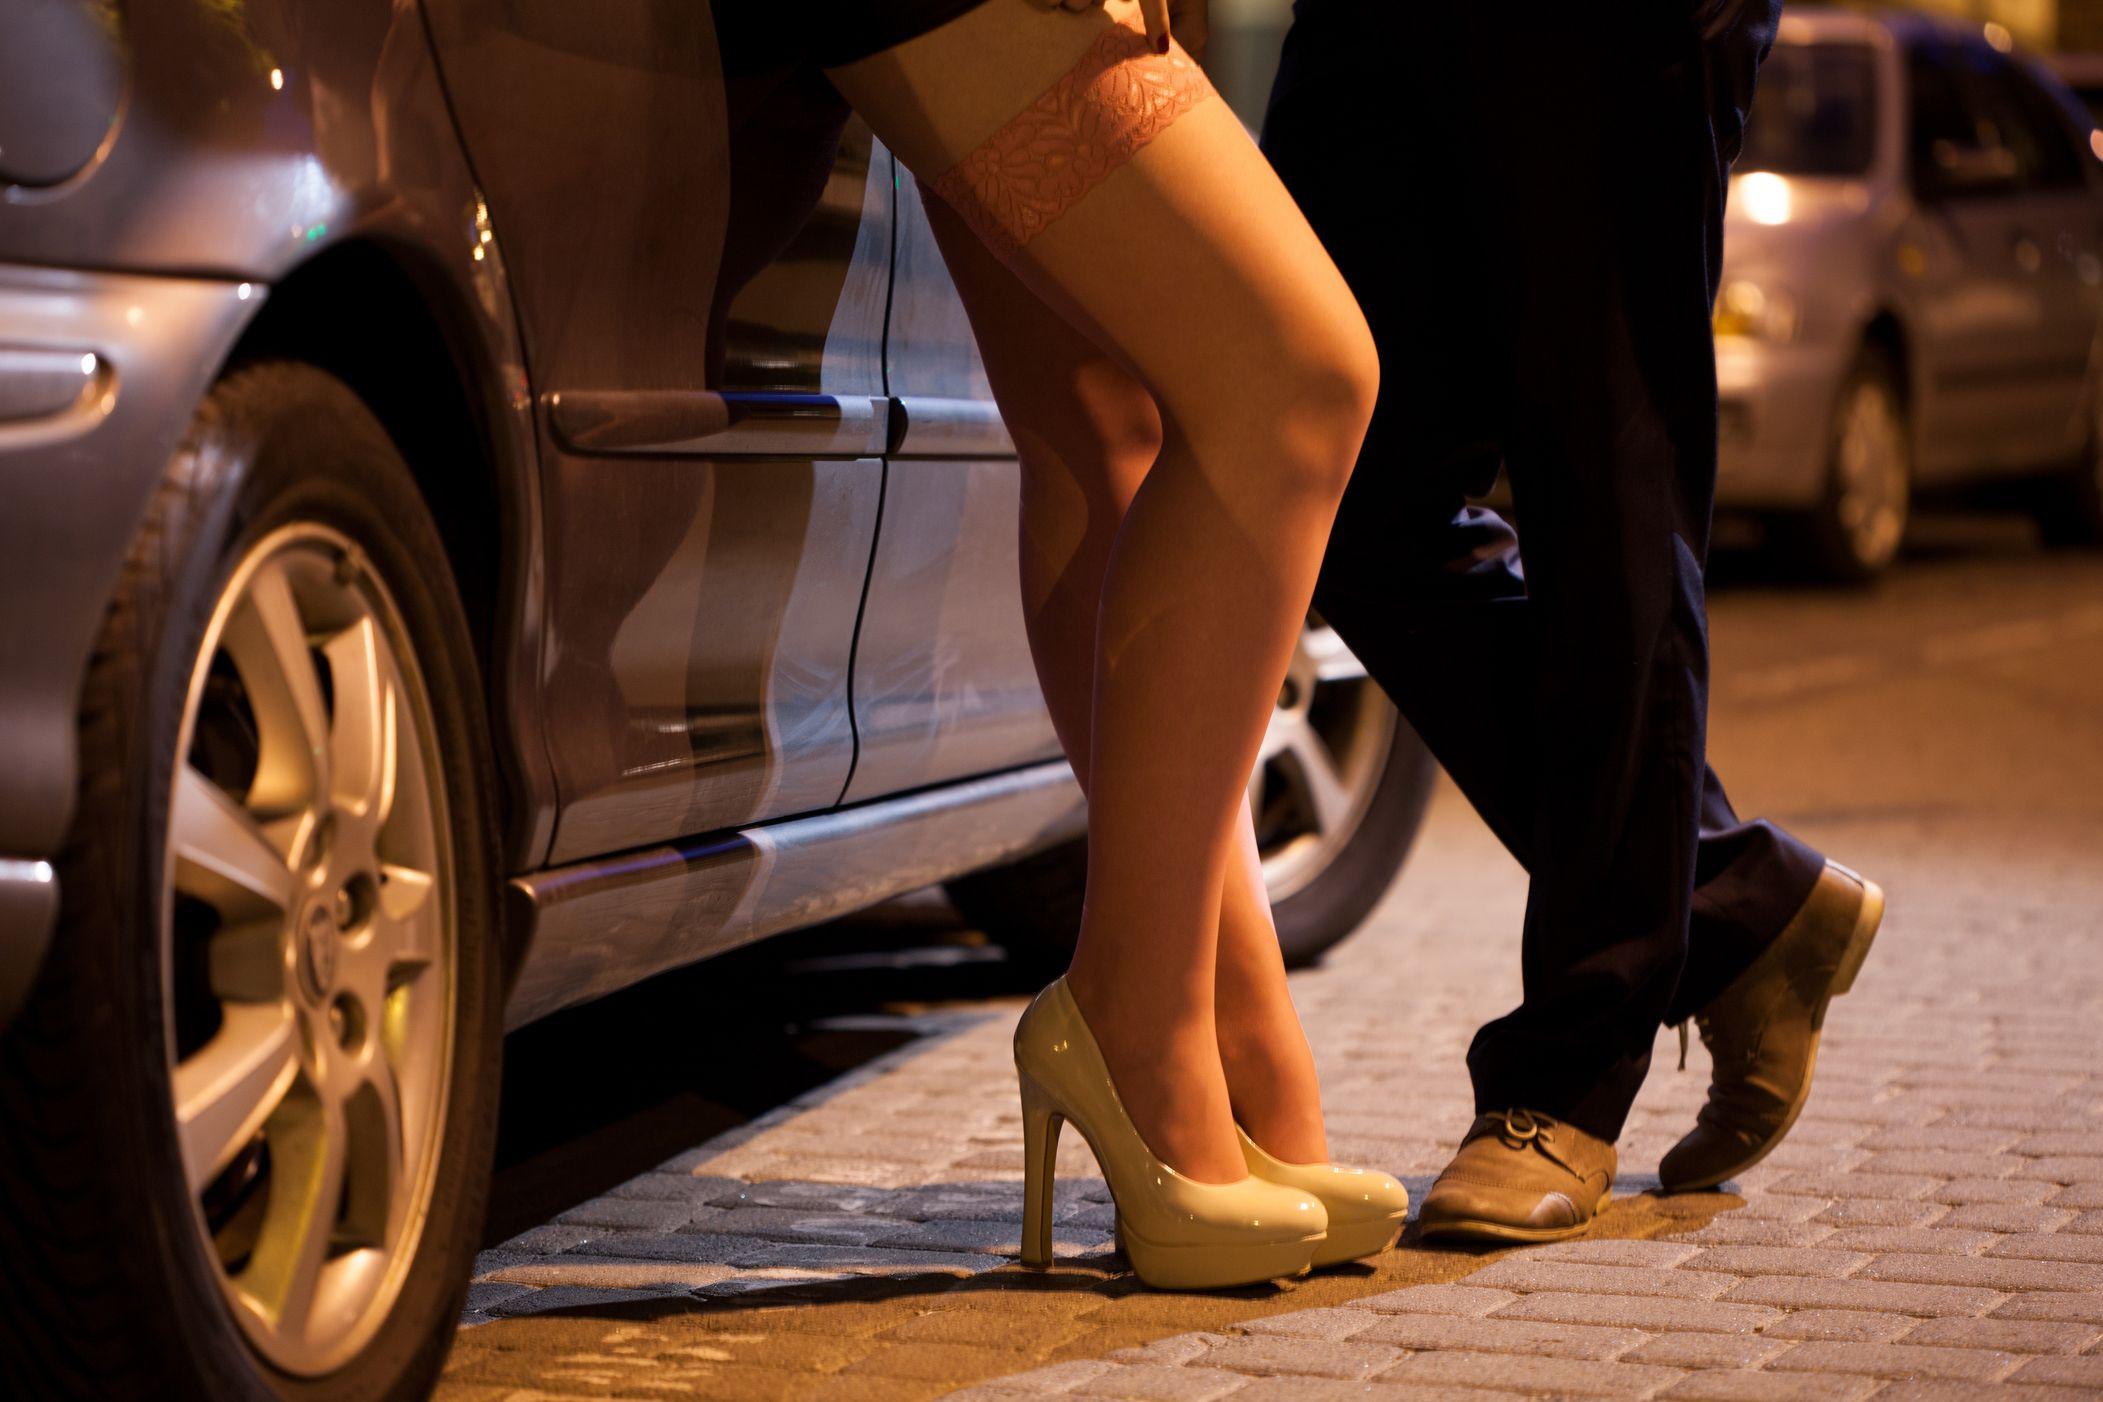 SEF detém mulheres em estabelecimento de diversão noturna